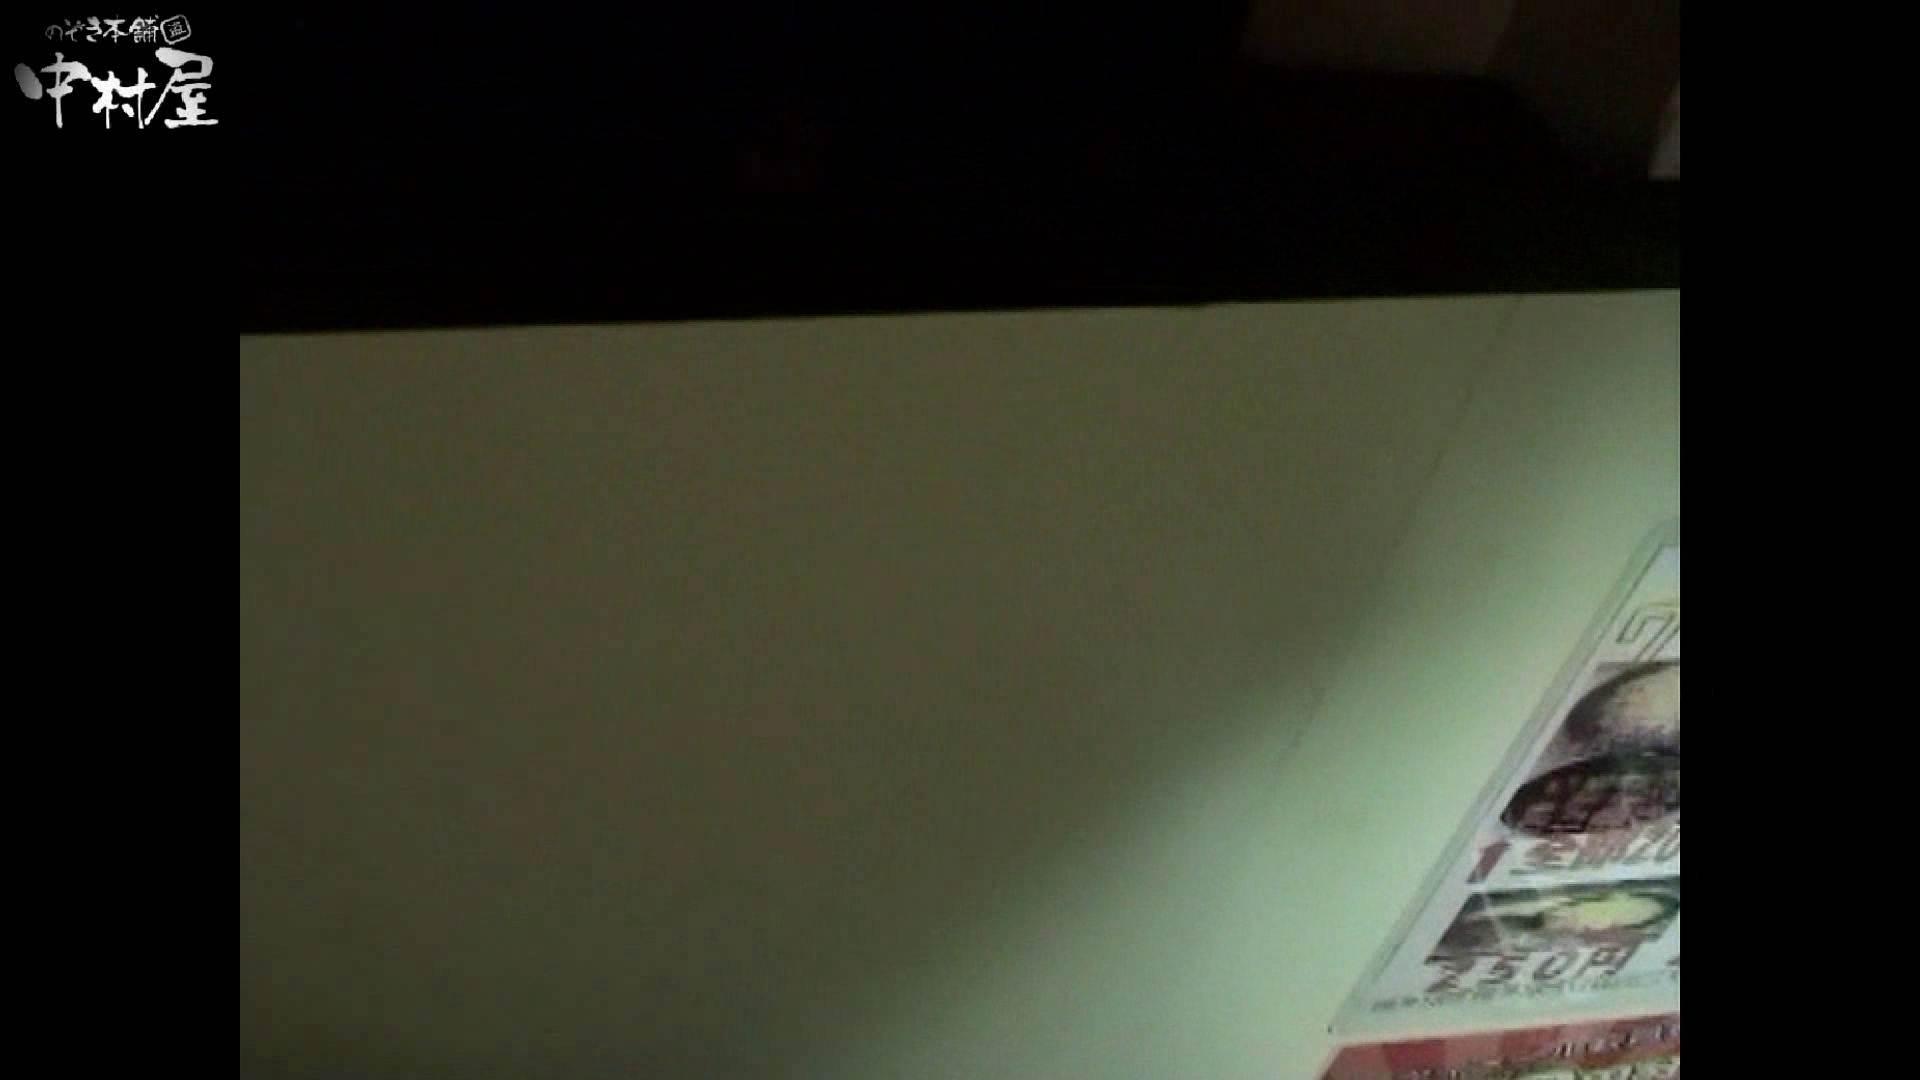 インターネットカフェの中で起こっている出来事 vol.017 卑猥すぎ | カップル映像 のぞき 105PIX 11